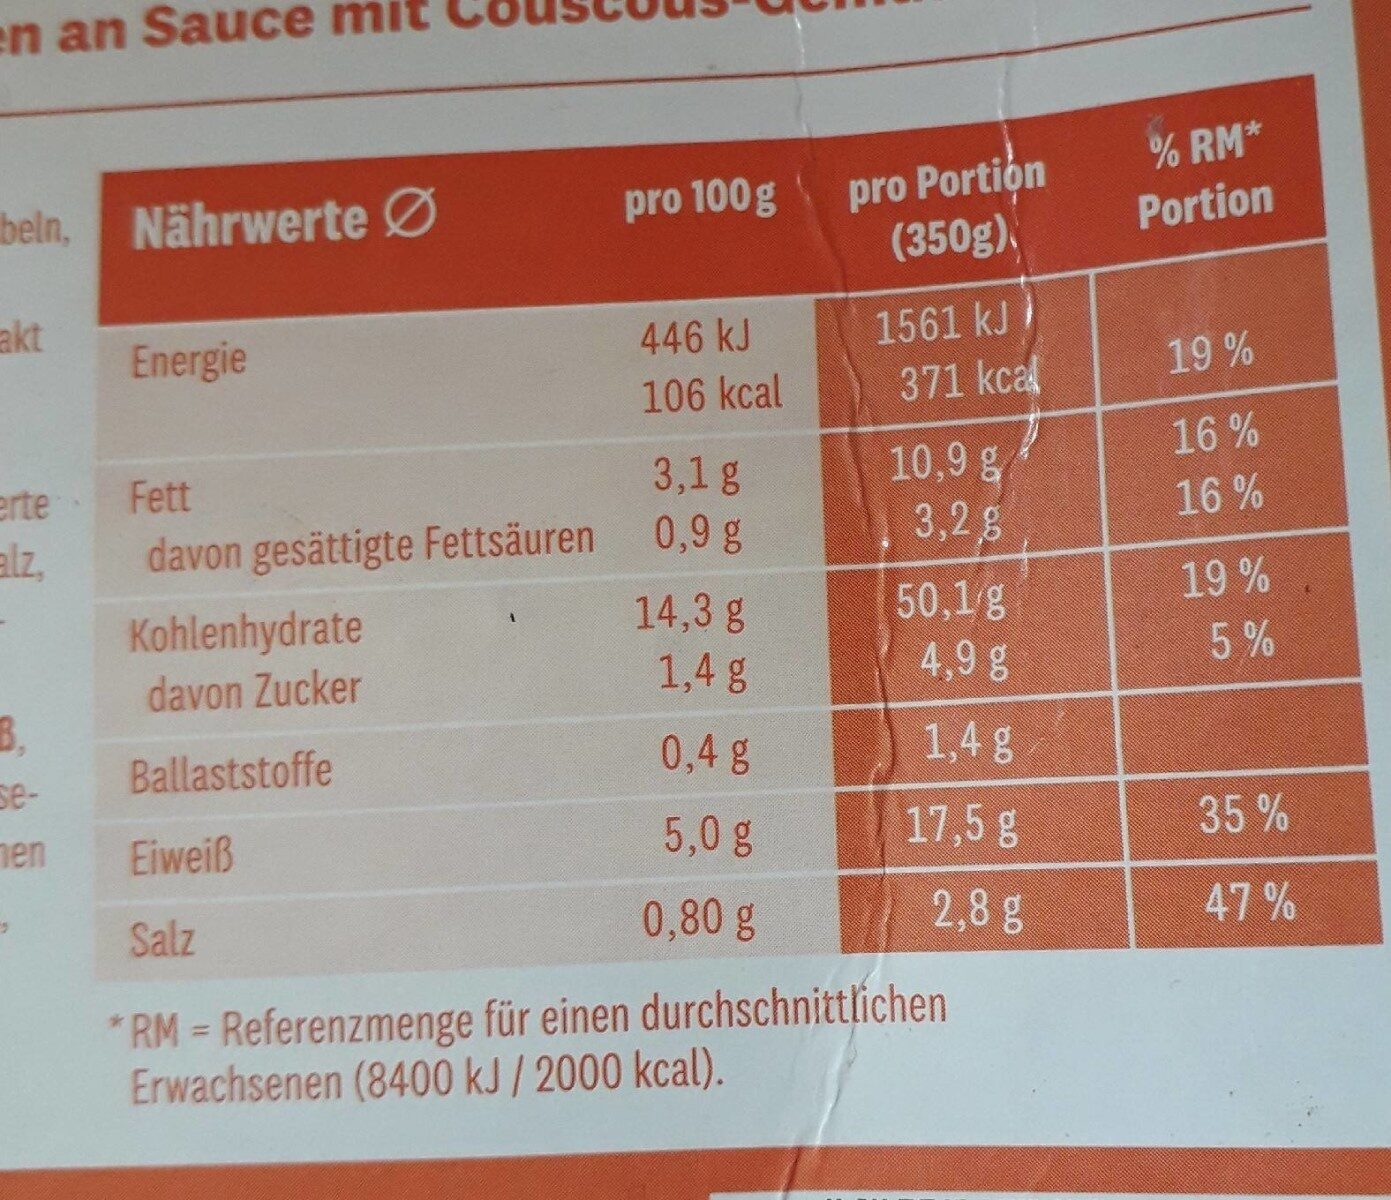 Boulettes de viande à la sauce méditerranéenne et couscous - Informations nutritionnelles - fr